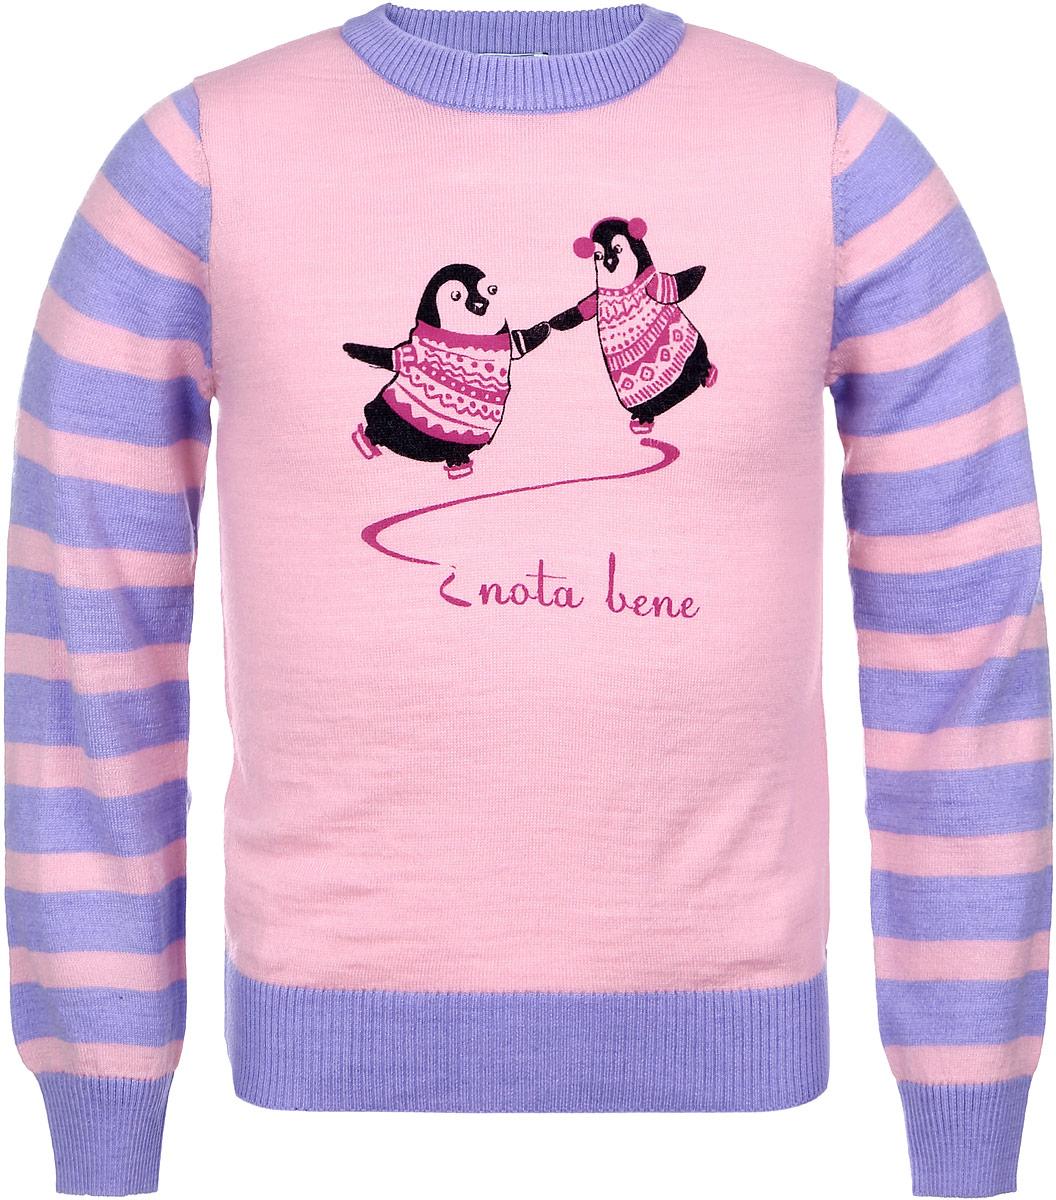 Джемпер для девочки Nota Bene, цвет: розовый, сиреневый. WK6441-56. Размер 116WK6441-56Модный джемпер для девочки Nota Bene подарит вашей маленькой принцессе комфорт и удобство в прохладные дни. Изготовленный из высококачественной комбинированной пряжи, он необычайно мягкий и приятный на ощупь, не сковывает движения малышки и позволяет коже дышать, не раздражает даже самую нежную и чувствительную детскую кожу, обеспечивая наибольший комфорт. Джемпер с длинными рукавами и круглым вырезом горловины превосходно тянется и отлично сидит. Горловина, манжеты рукавов и низ джемпера связаны резинкой. Джемпер украшен рисунком в виде двух пингвинов на коньках. Оригинальный современный дизайн и модная расцветка делают этот джемпер практичным и стильным предметом детского гардероба. В нем ваша дочурка будет чувствовать себя уютно и комфортно и всегда будет в центре внимания!